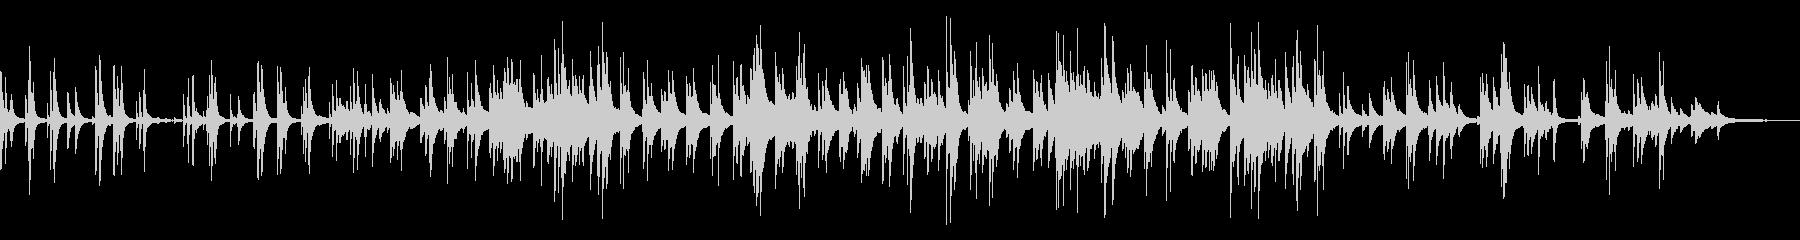 讃美歌・アメイジンググレイス・ピアノソロの未再生の波形